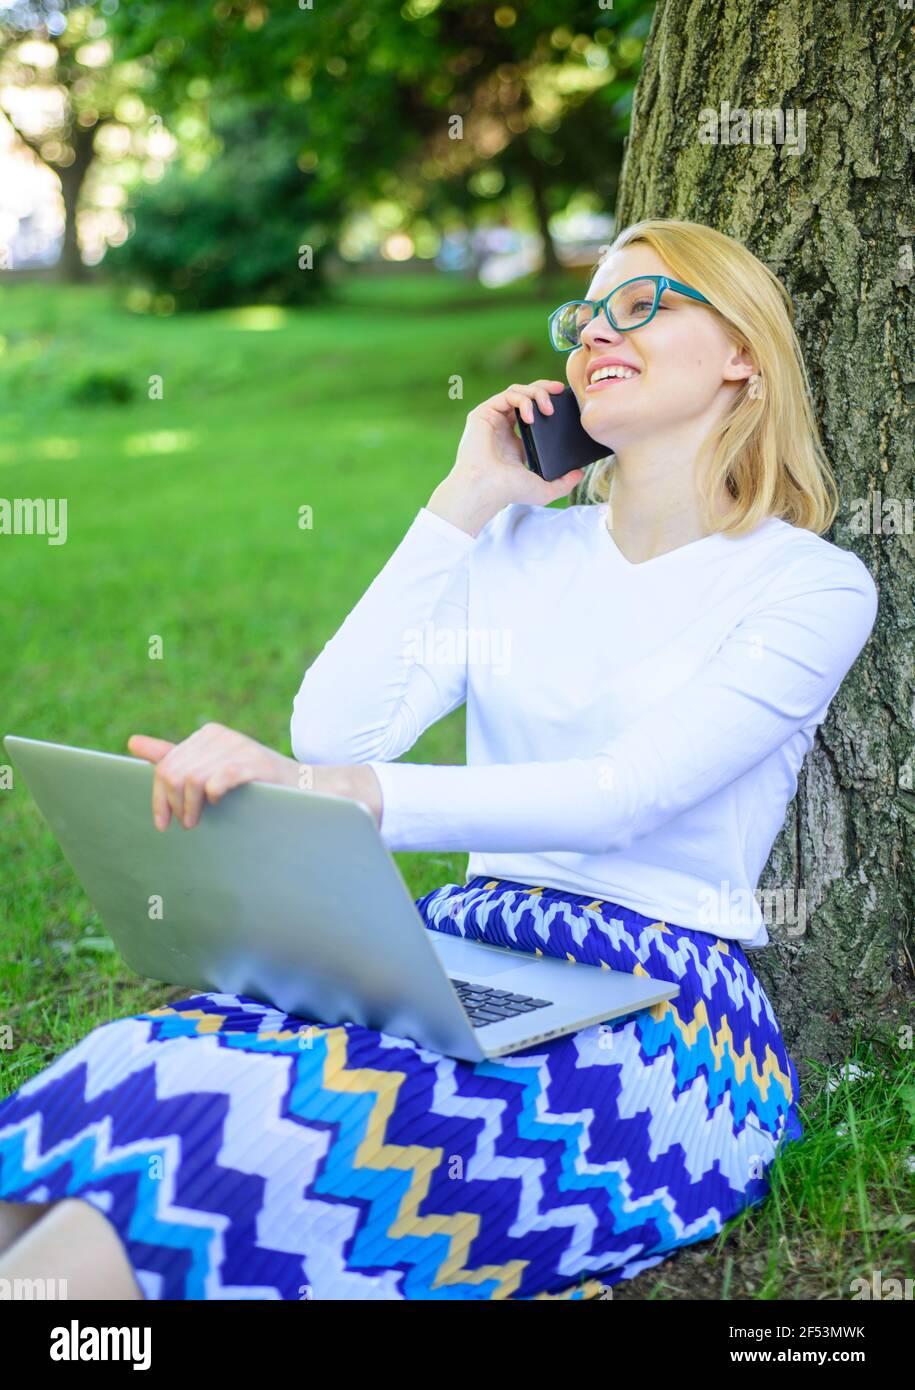 Niña sentada hierba con cuaderno. Mujer con ordenador portátil en el parque orden artículo en el teléfono. Chica se aprovecha de las compras en línea. Ahorre tiempo con las compras Foto de stock